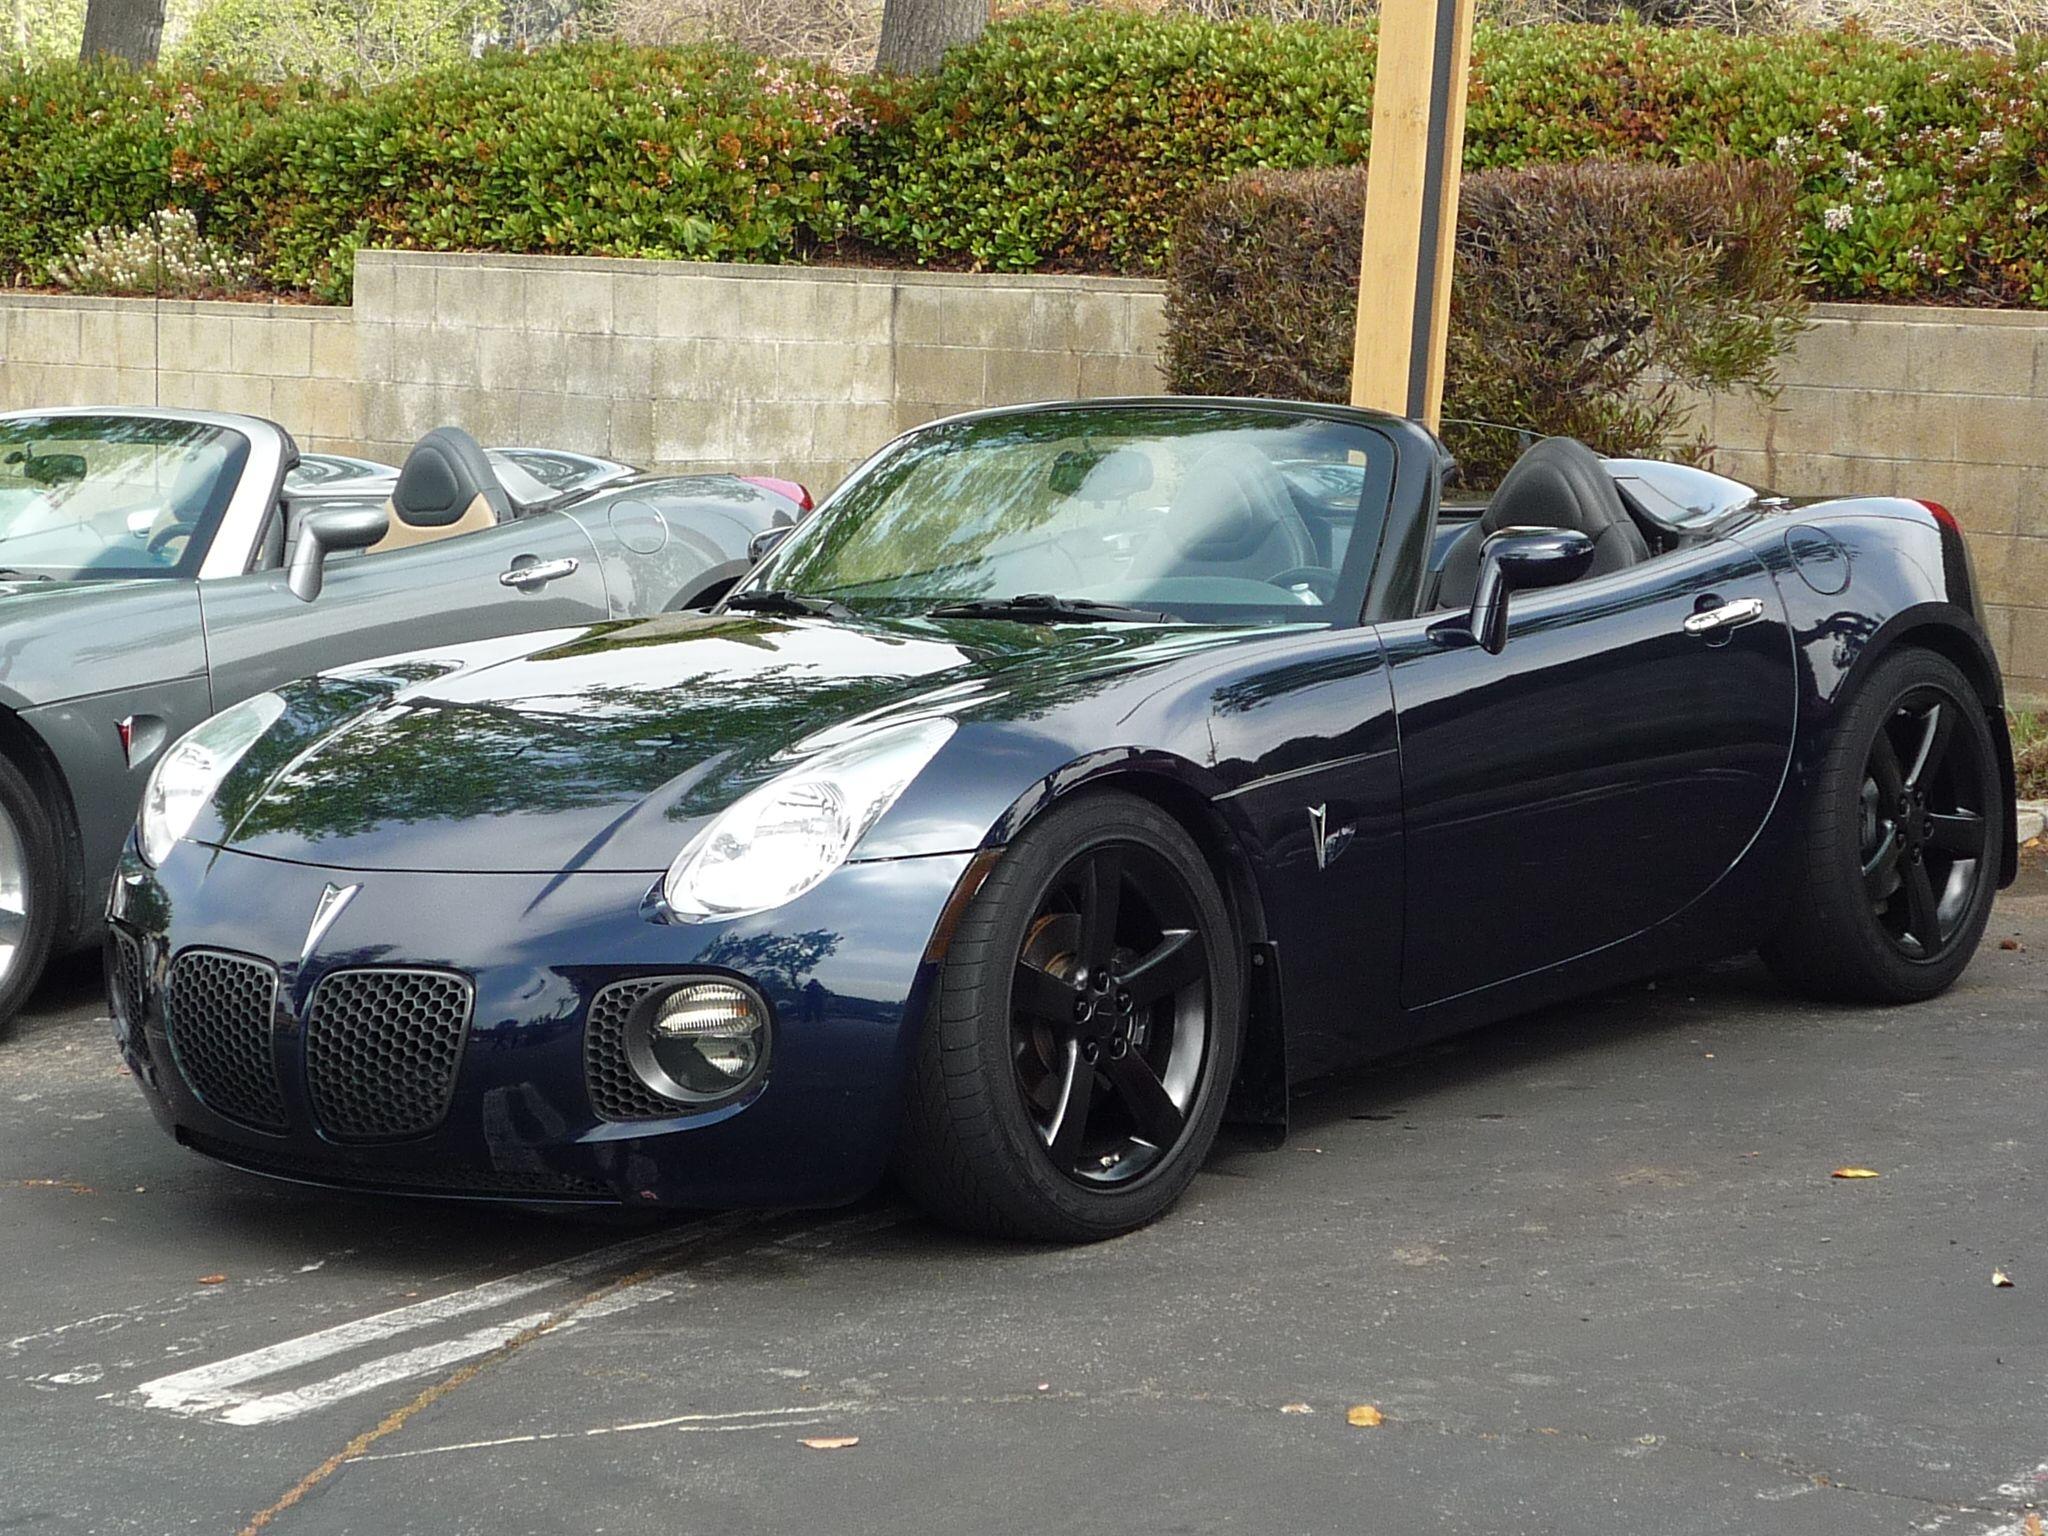 2008 Pontiac Solstice 2 0l Gxp Pictures Mods Upgrades